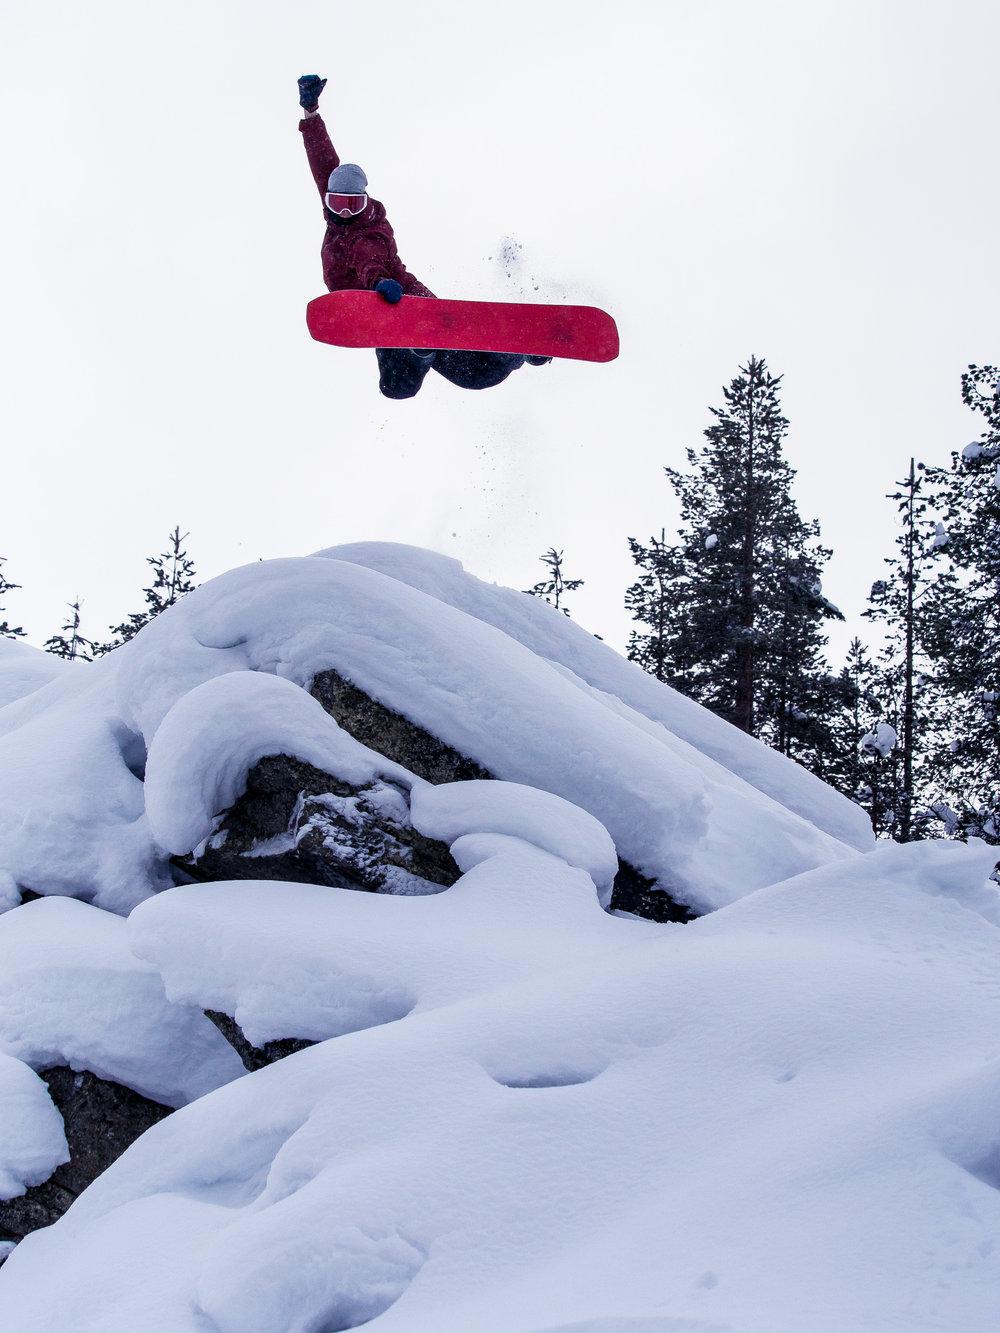 Pyhä bAAnked - Antti Autin isännöimä lumilautailuviikonloppu, jossa seikkaillaan tunturissa etsimässä luonnon täydellisiä lumiaaltoja ja tuikataan lujaa suurella intohimolla lapioiduissa kaarissa